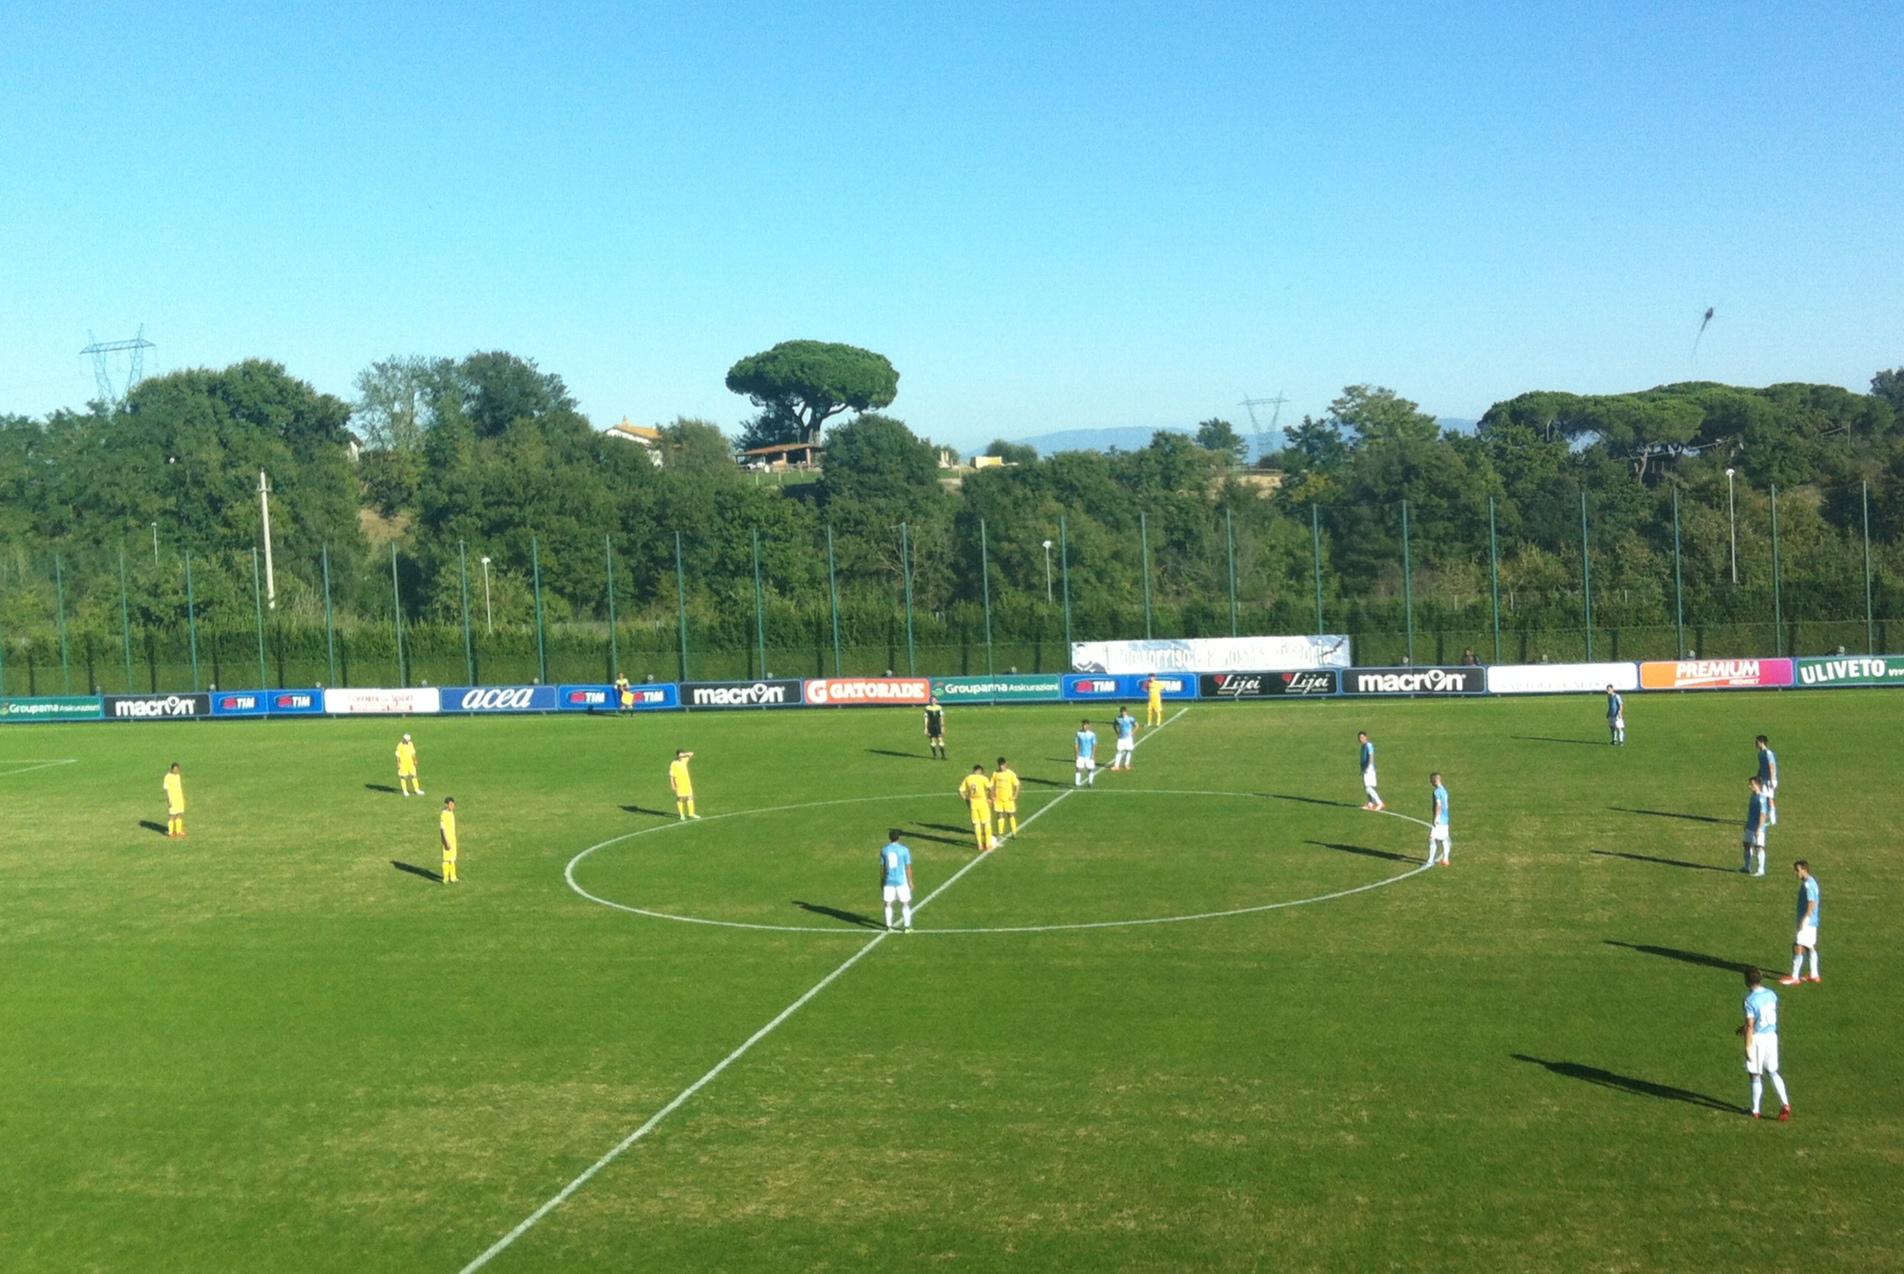 Campionato-Primavera-Lazio-Frosinone-1-2-a-Formello